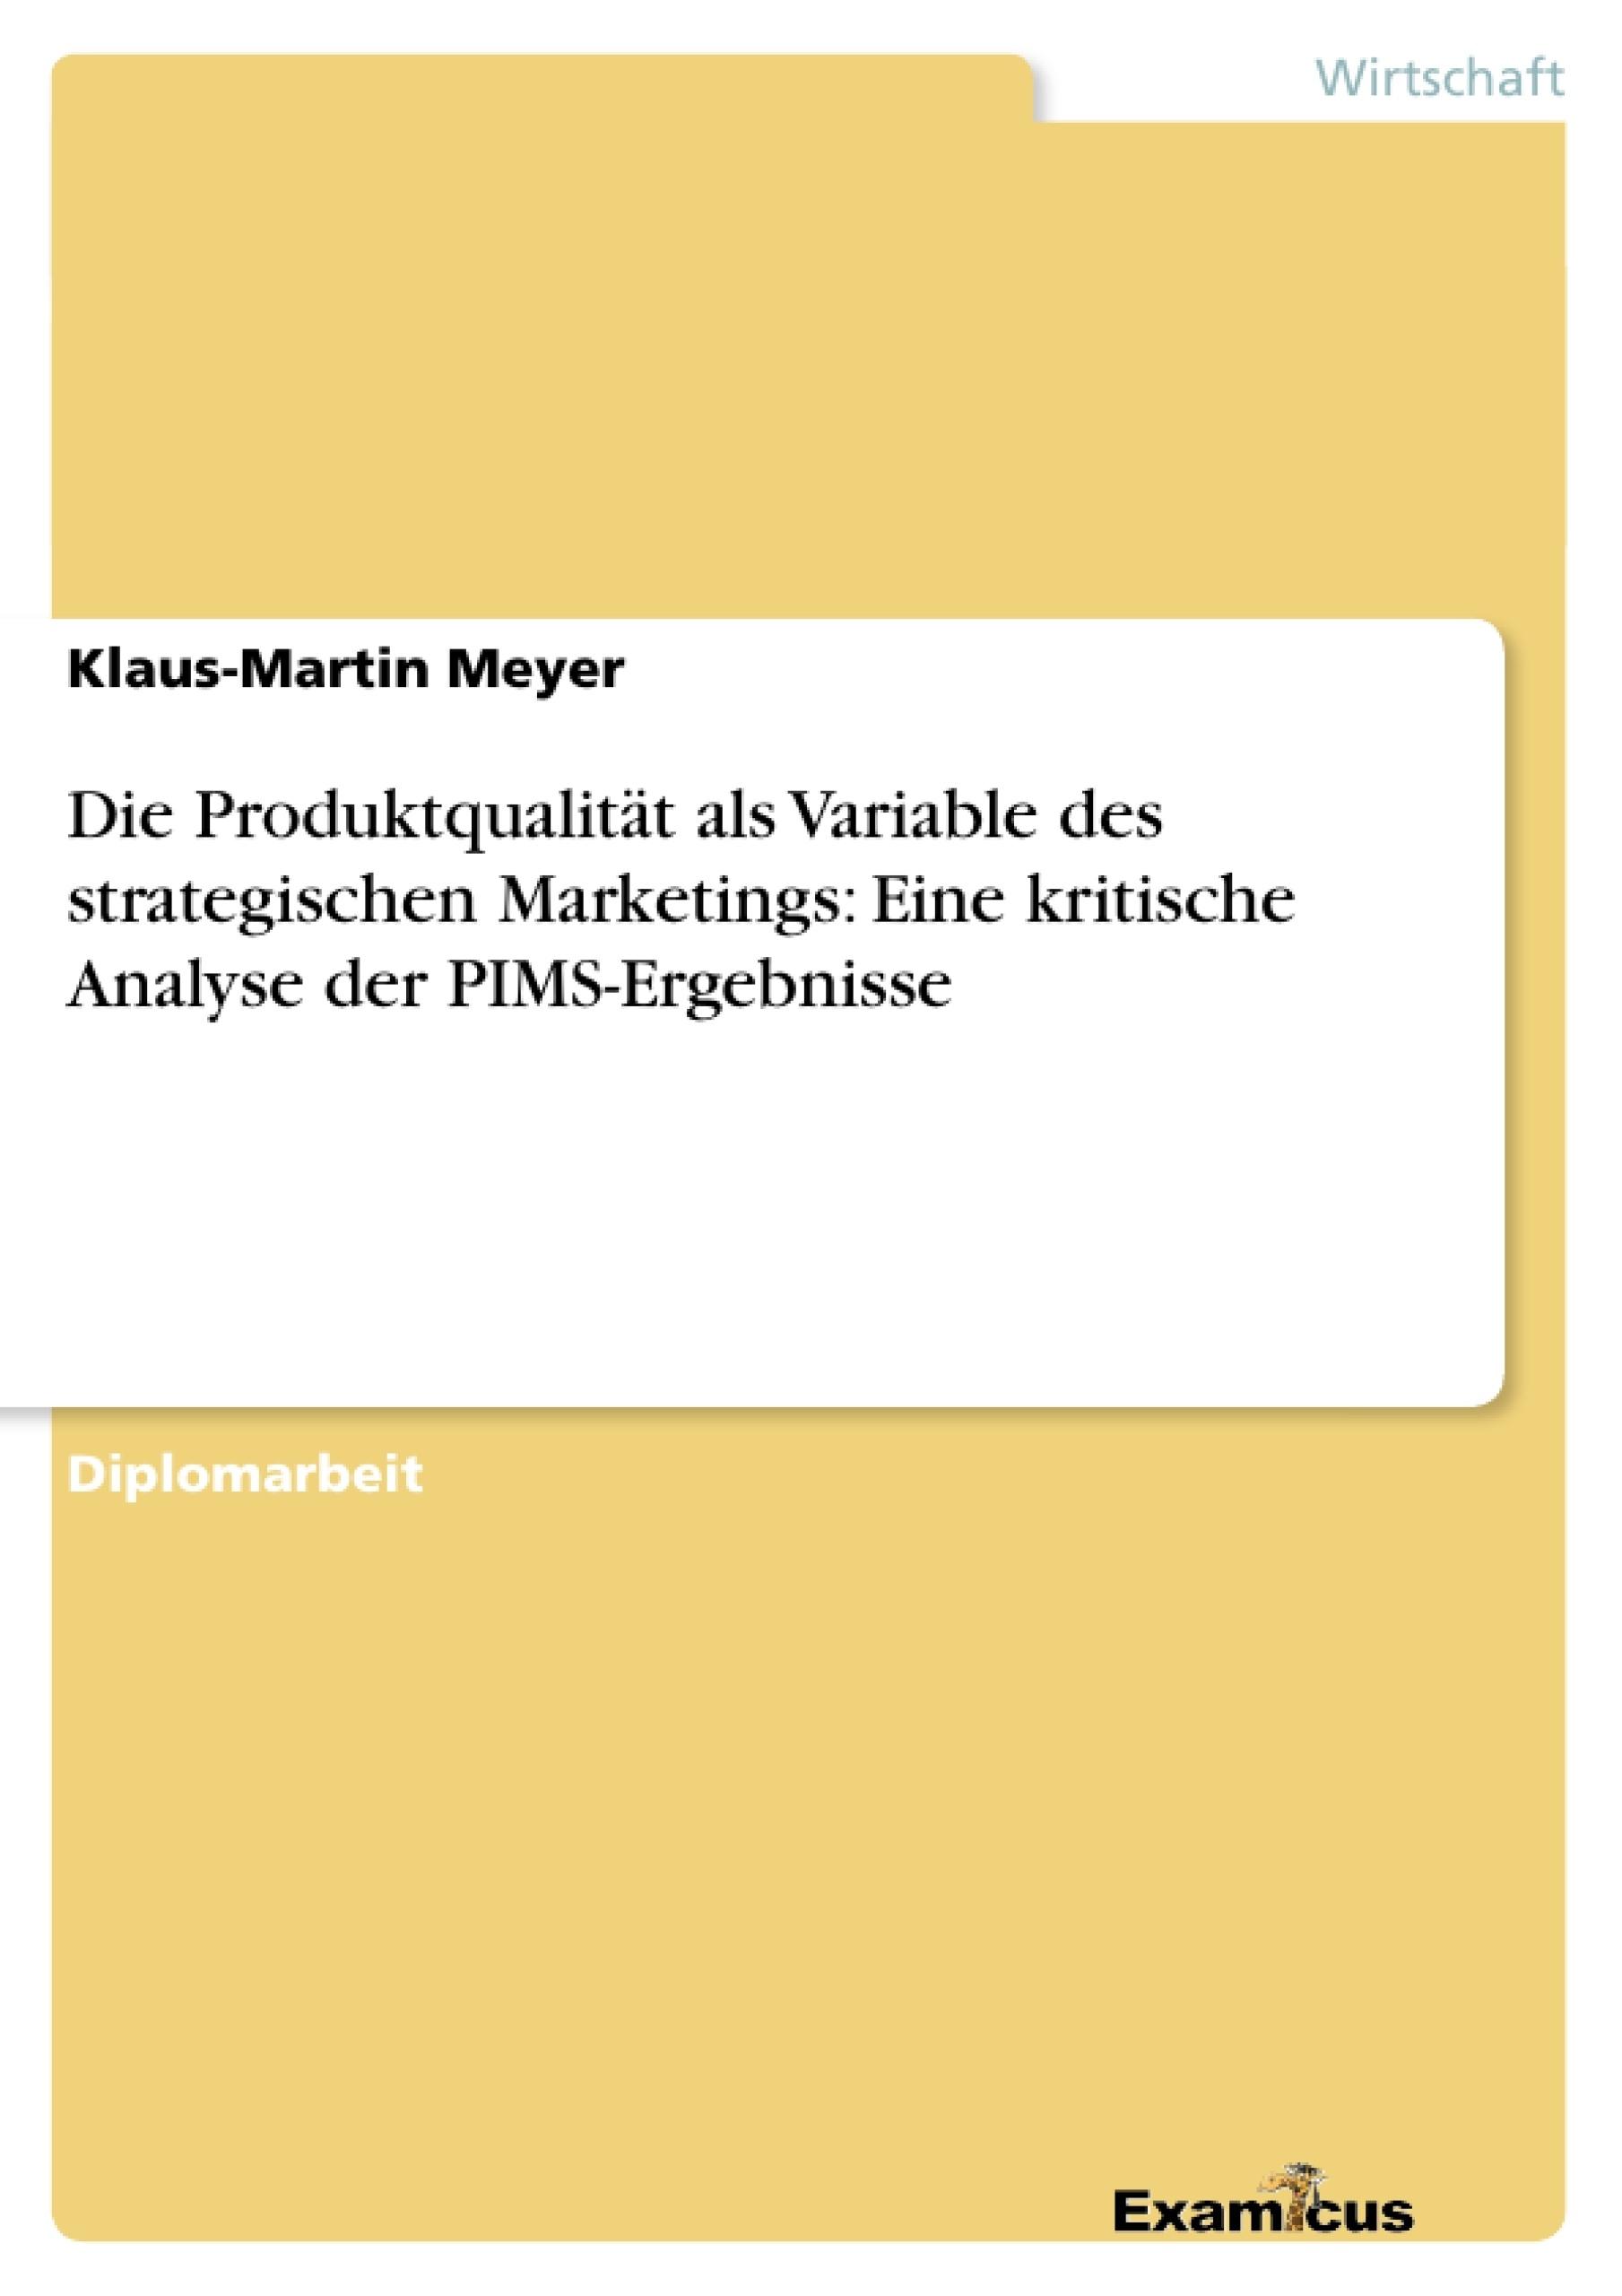 Titel: Die Produktqualität als Variable des strategischen Marketings: Eine kritische Analyse der PIMS-Ergebnisse